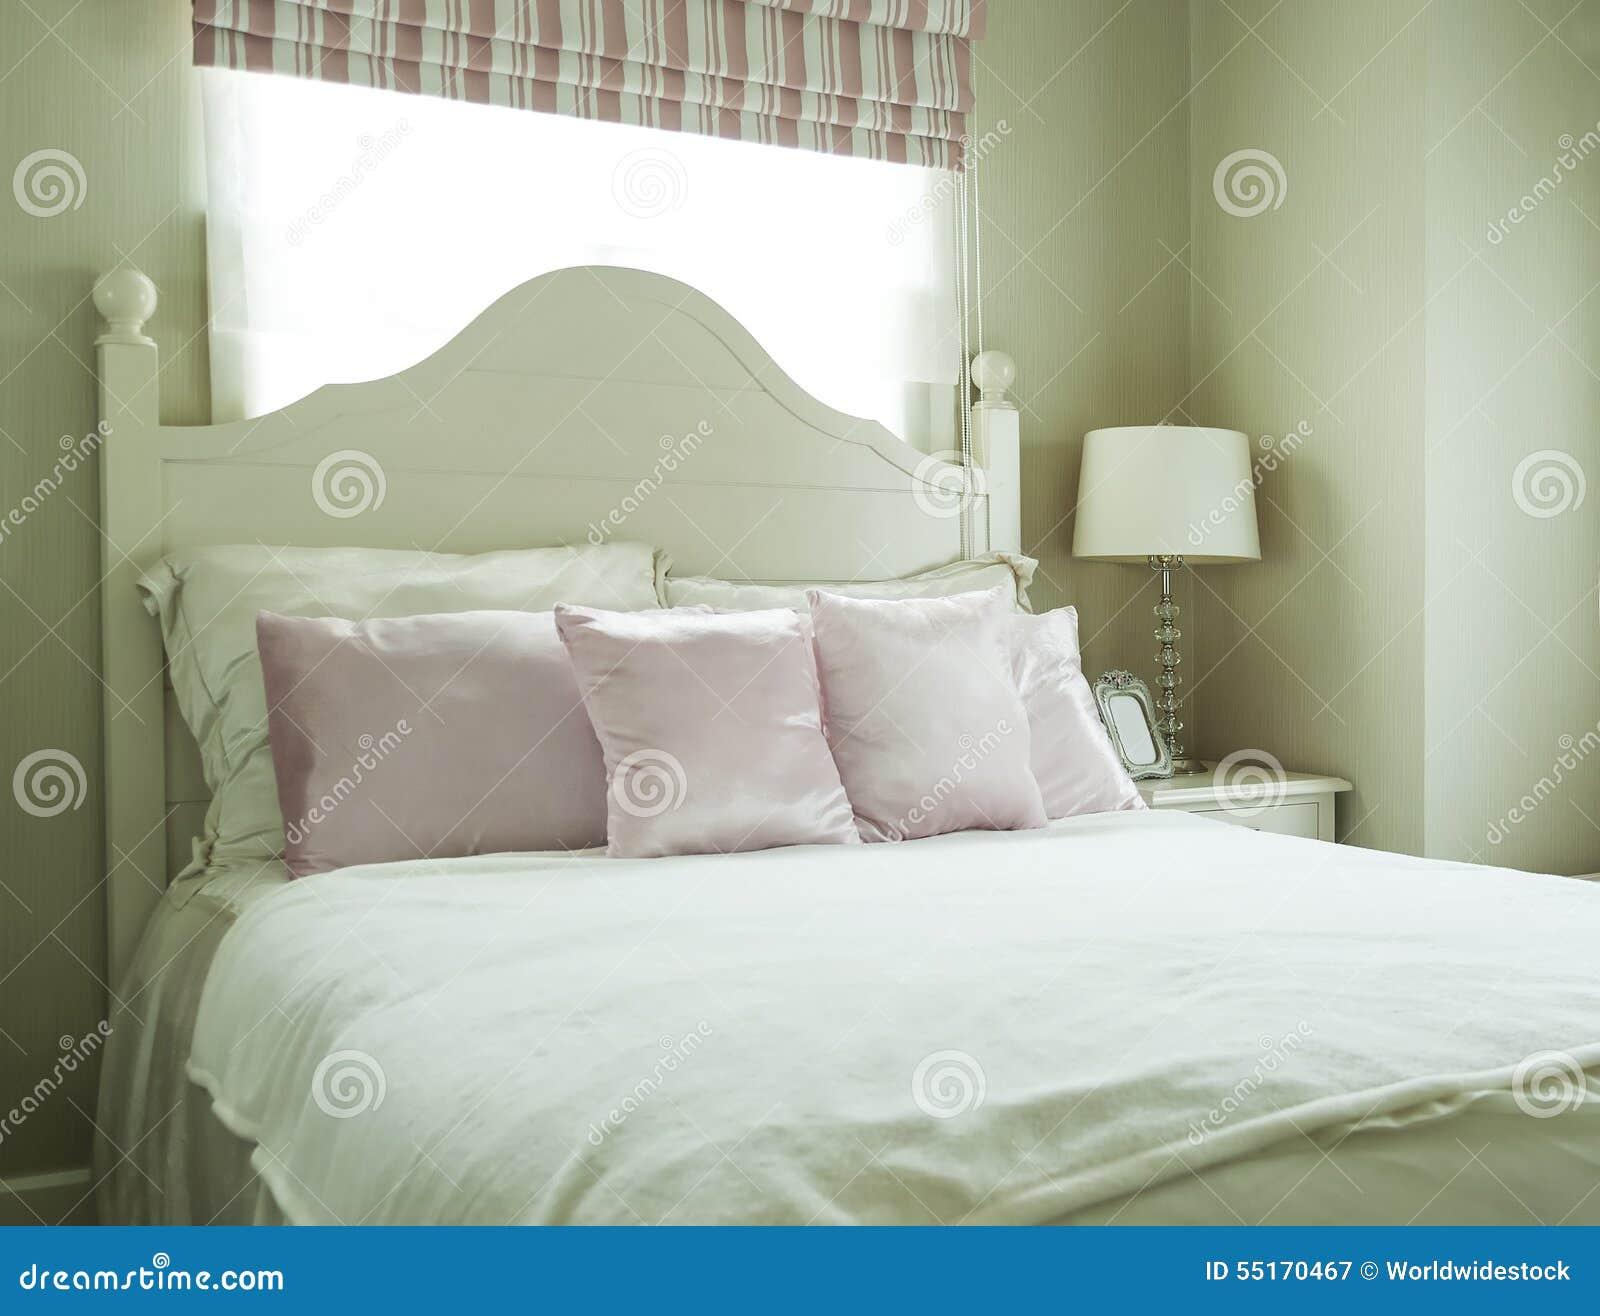 Camera da letto di lusso con i cuscini e la lampada di scrittorio immagine stock immagine di - Letto con cuscini ...